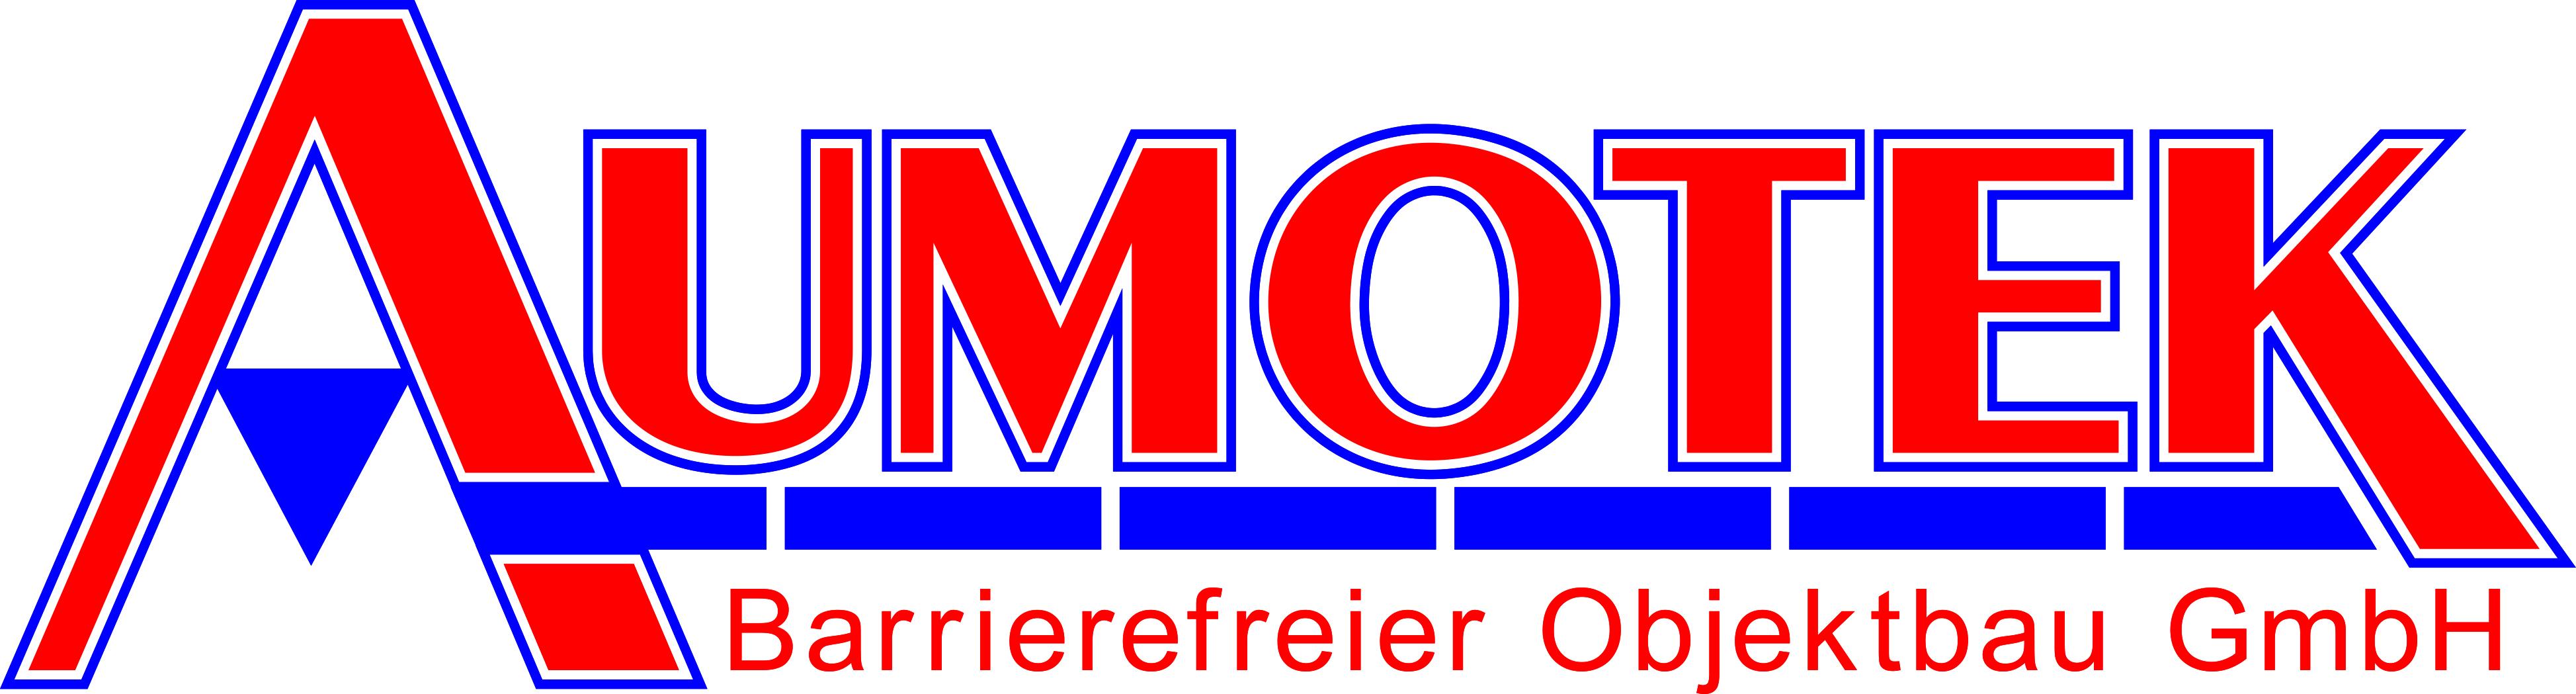 Aumotek barrierefreier Objektbau GmbH